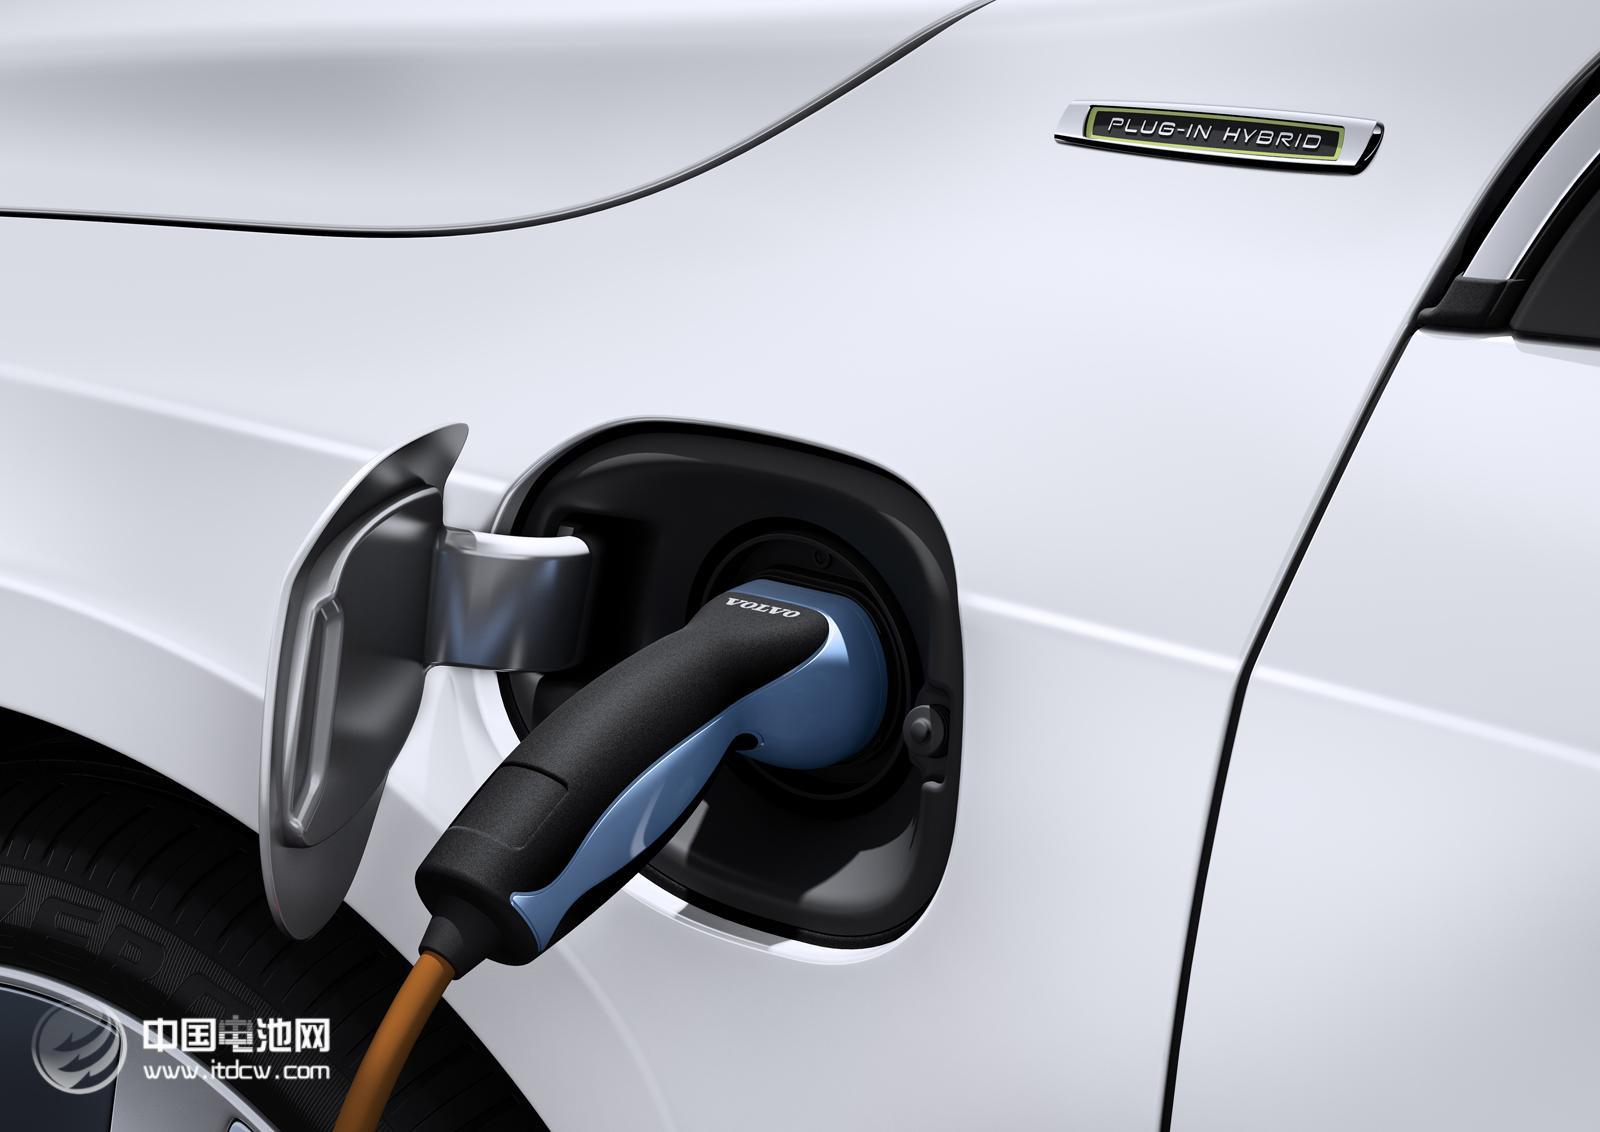 三部委出手延长新能源车免征购置税 给力还需地方政府打好配合战